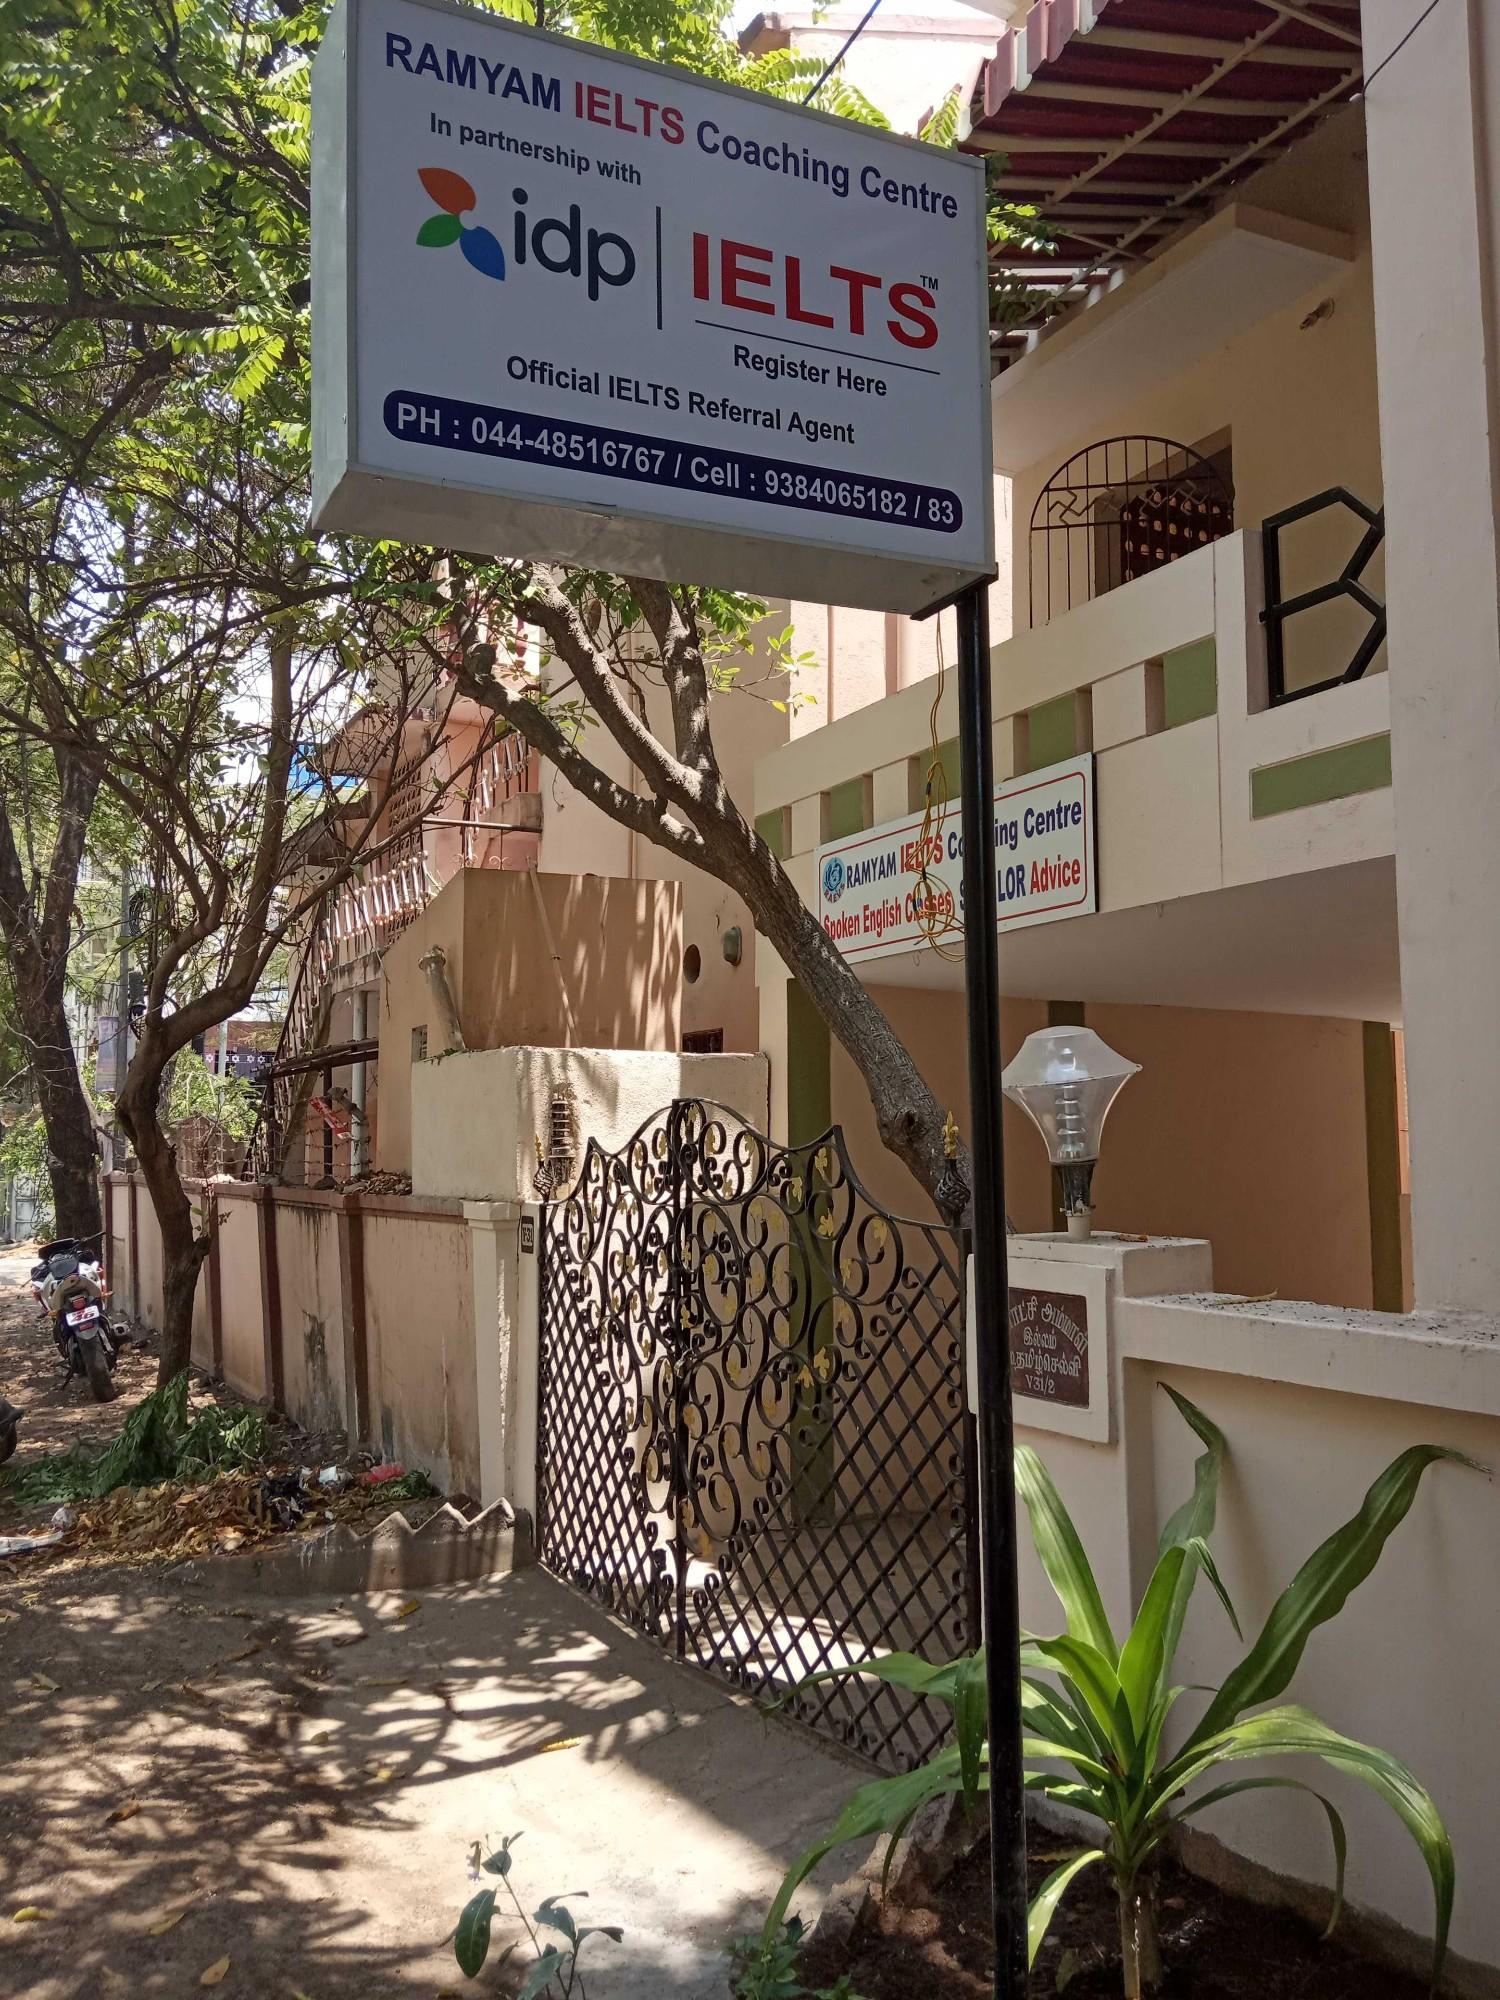 Top 10 IELTS Coaching Centers in Chennai | Sulekha Chennai